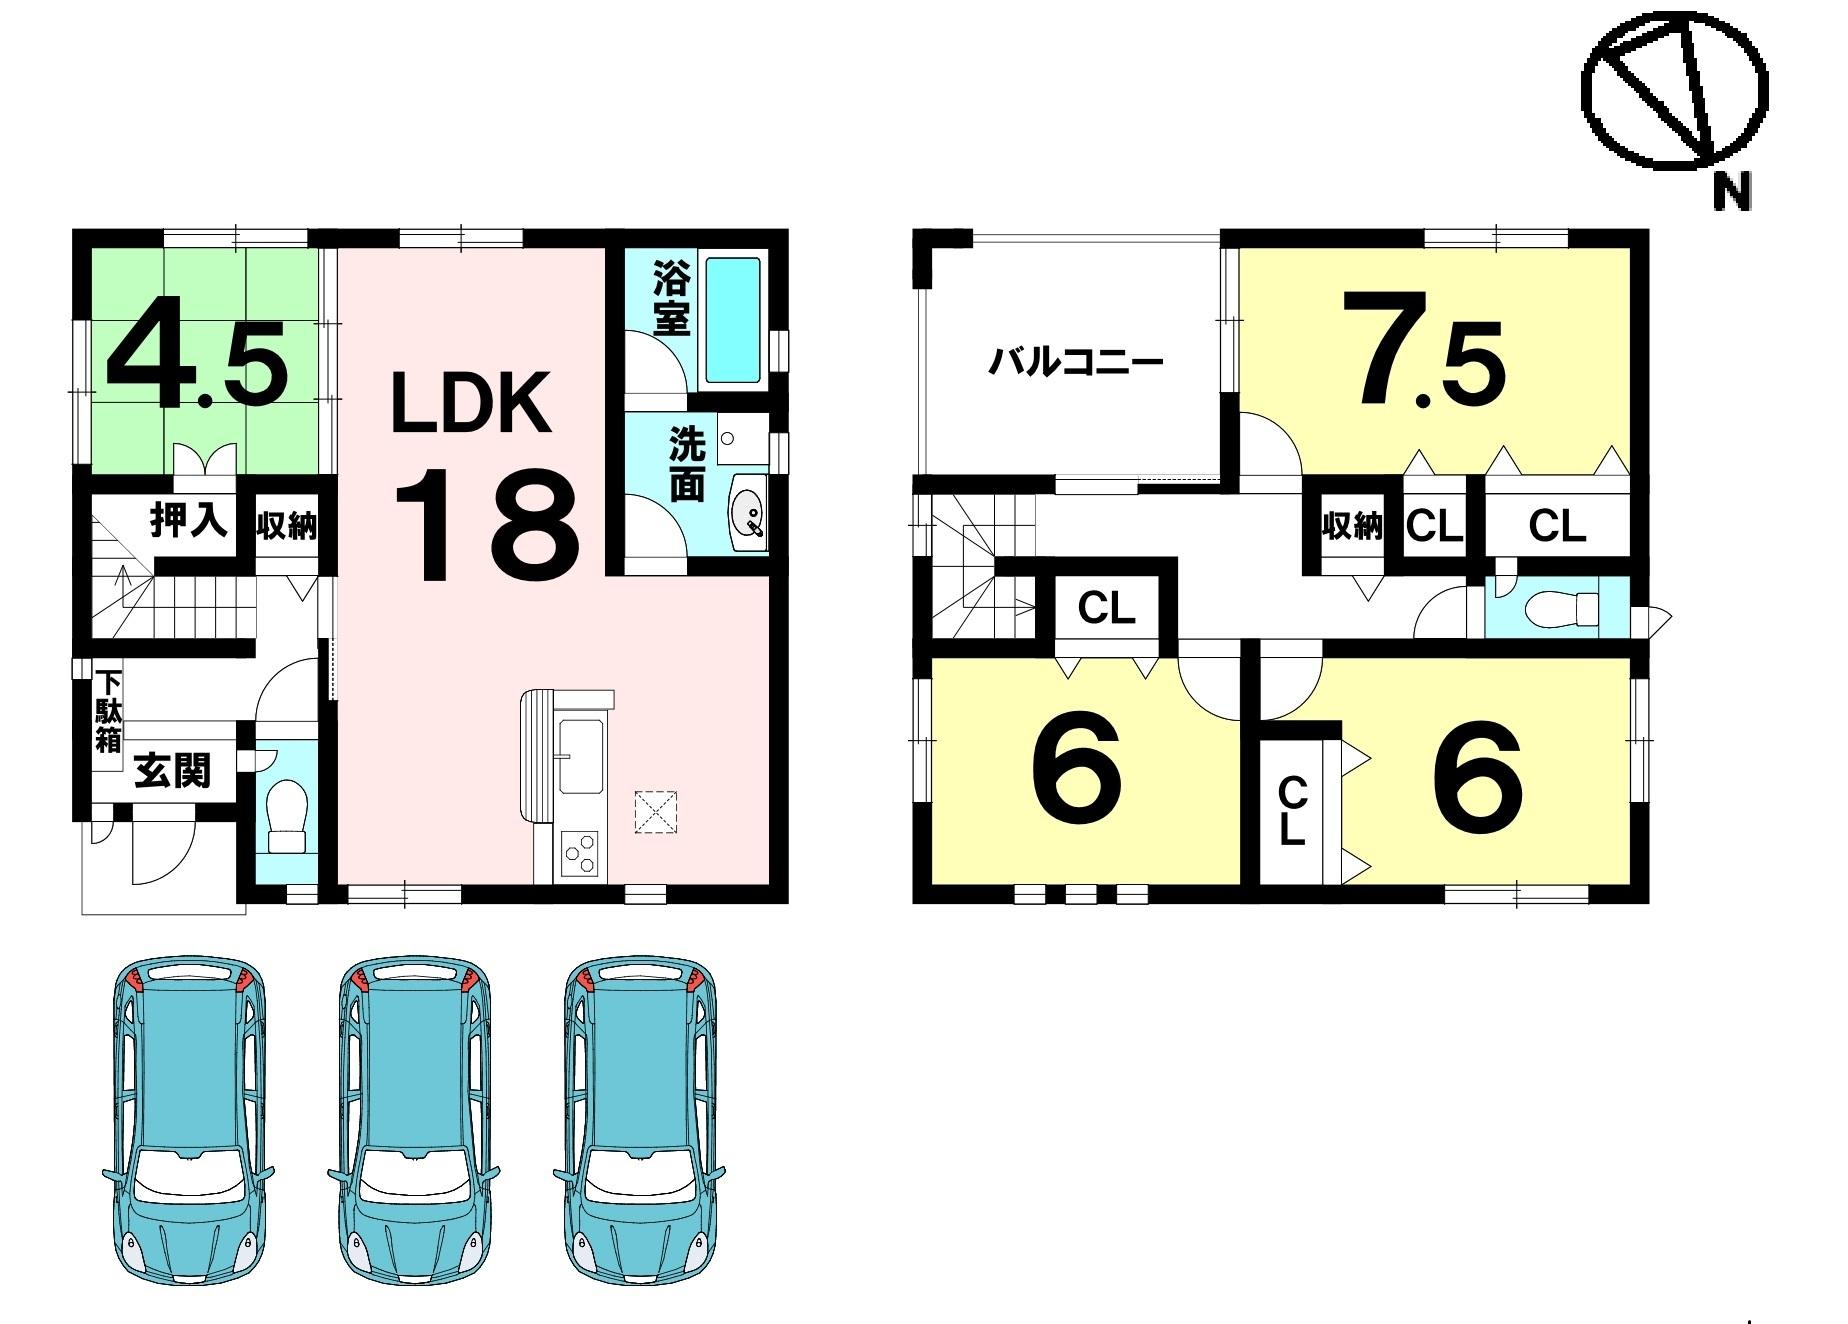 耐震・制震を兼ね揃えたQUIEの家 広々駐車3台可能 スーパー徒歩4分 お買い物施設充実の環境